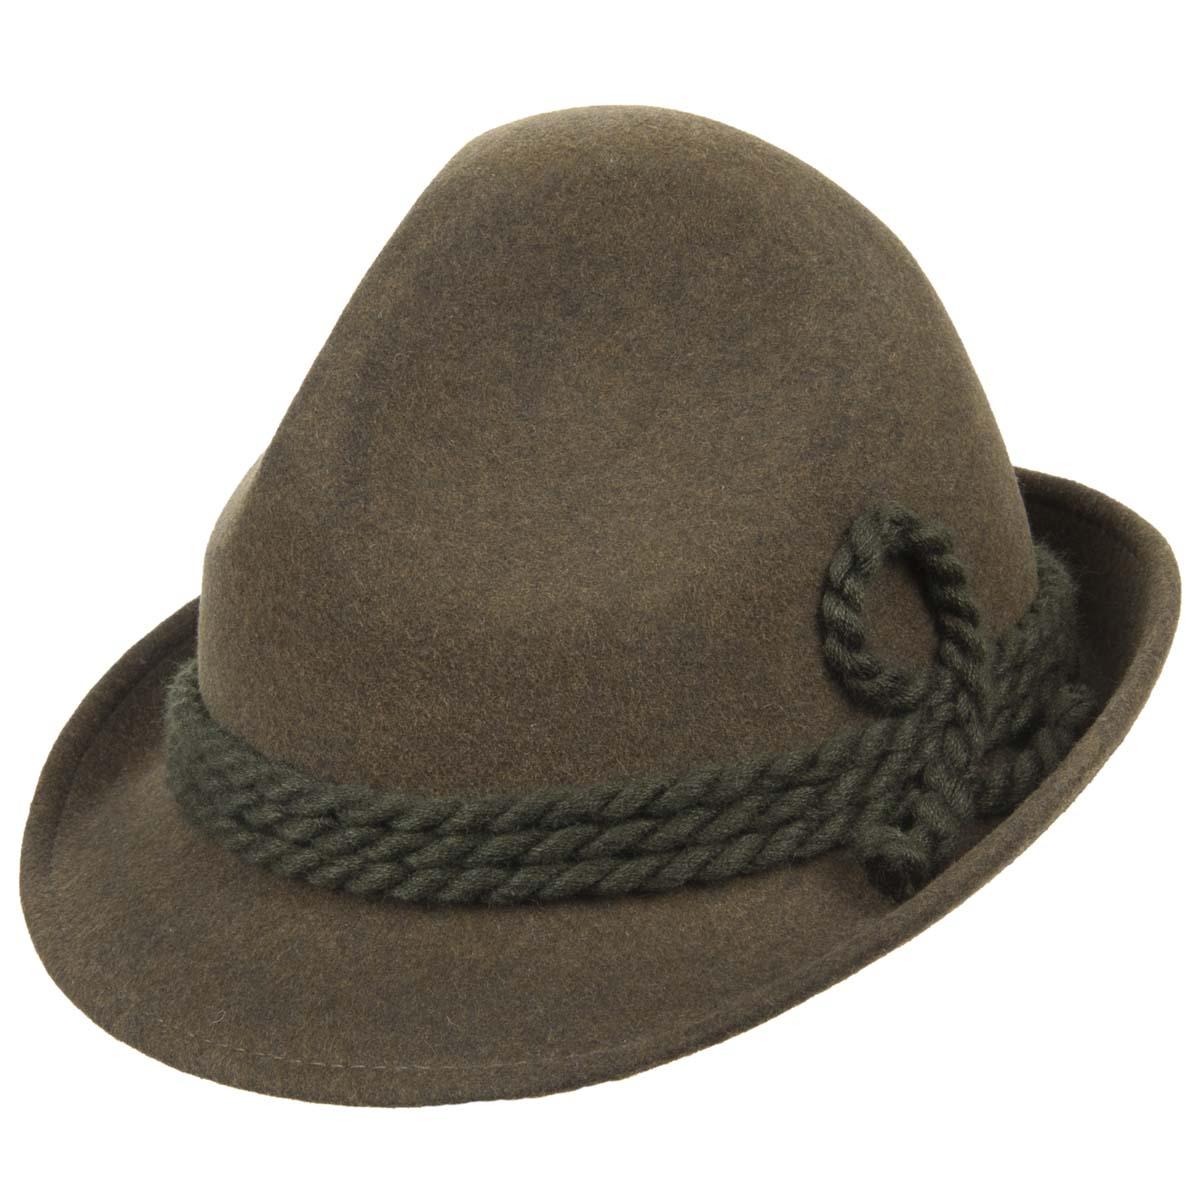 Super carino comprando ora repliche cappelli per cacciatore